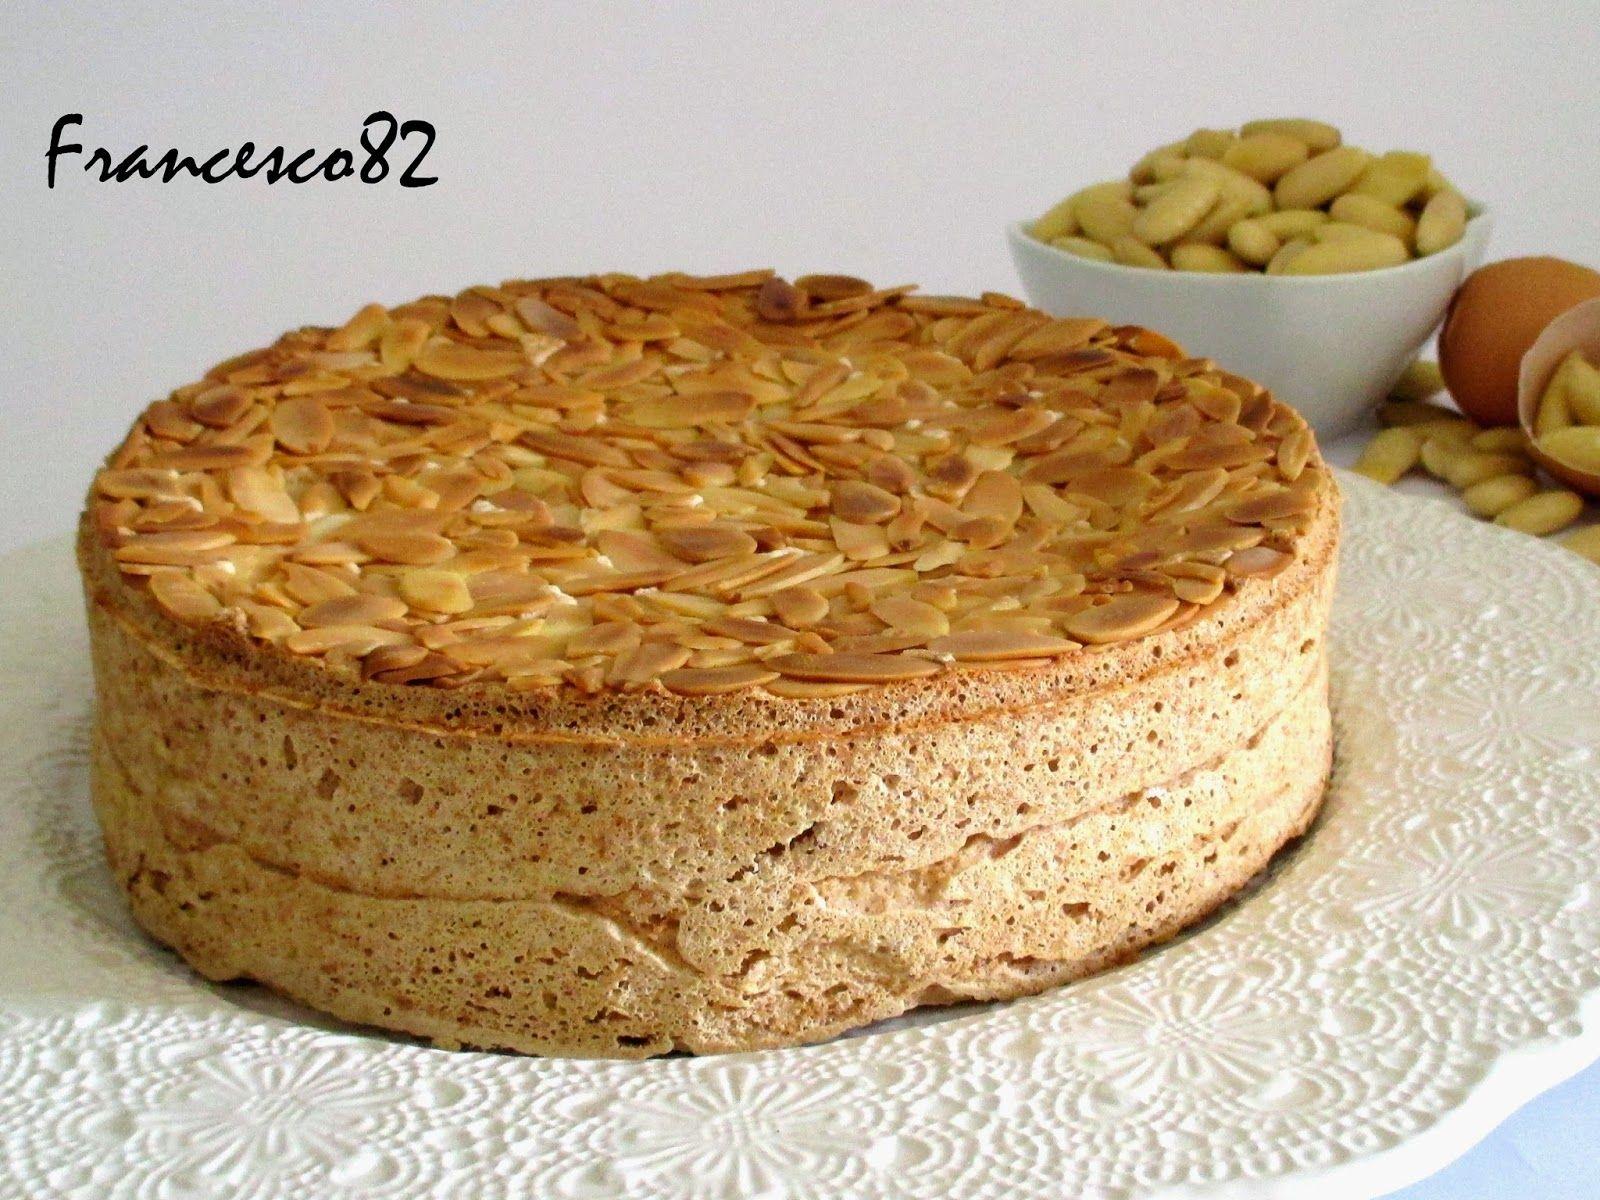 La cucina degli angeli torta di mandorle senza farina di luca montersino sponge cakes torte - Porno dive italiane gratis ...